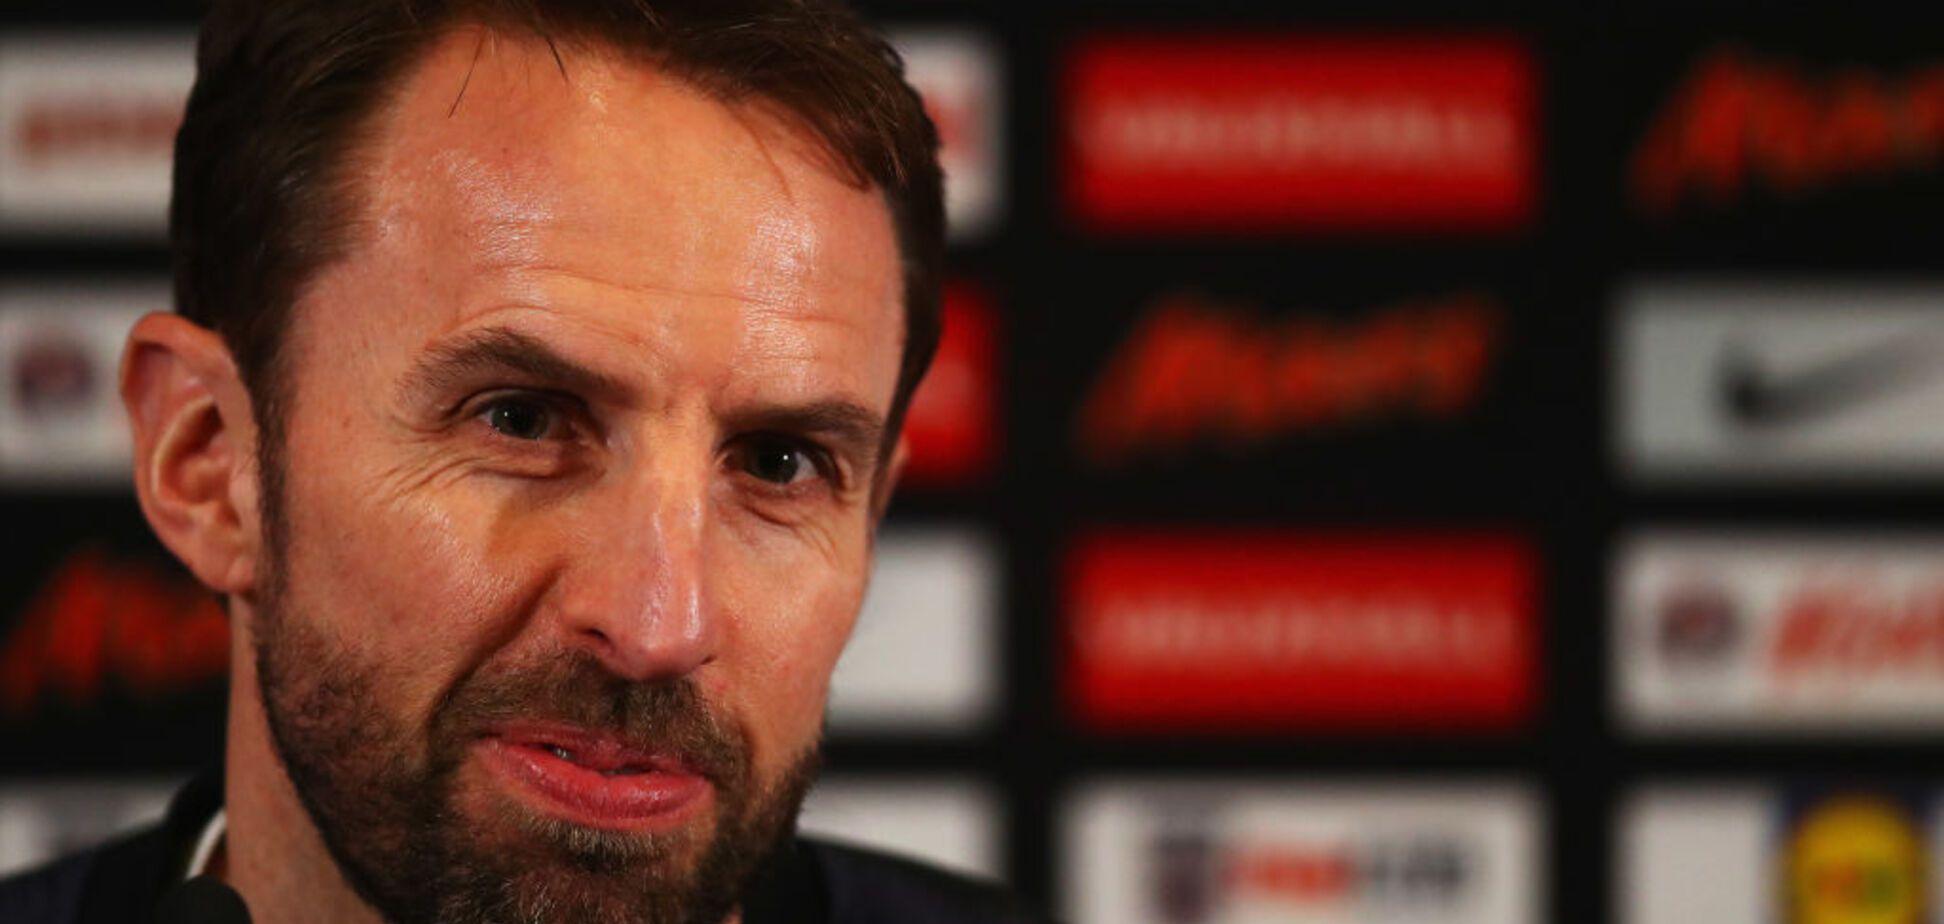 Плевать: главный тренер сборной Англии высказался о бойкоте ЧМ-2018